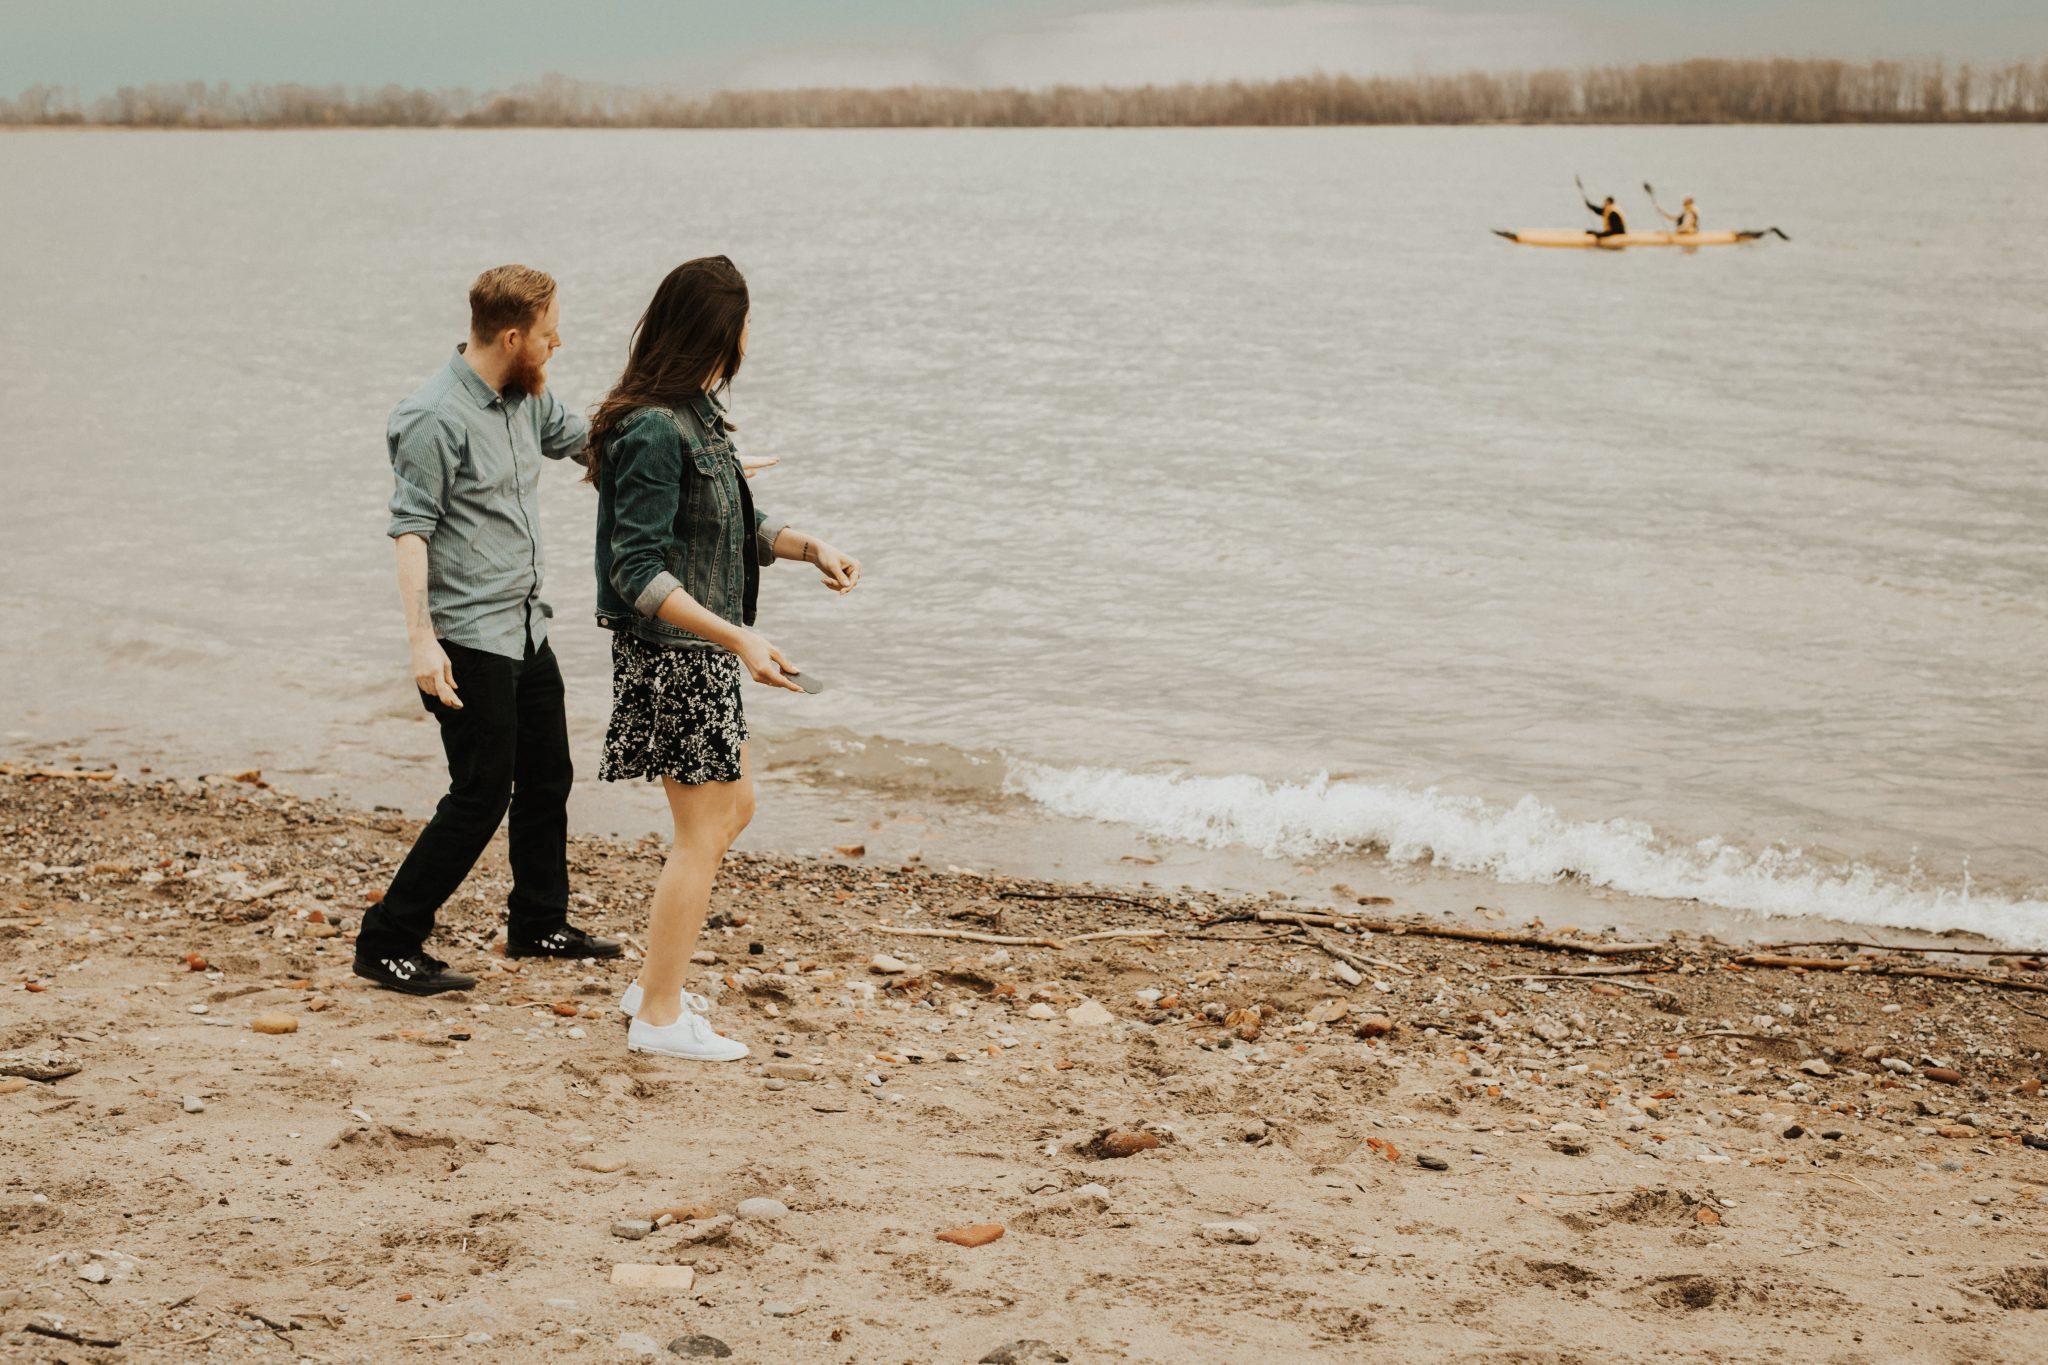 cherry beach photoshoot